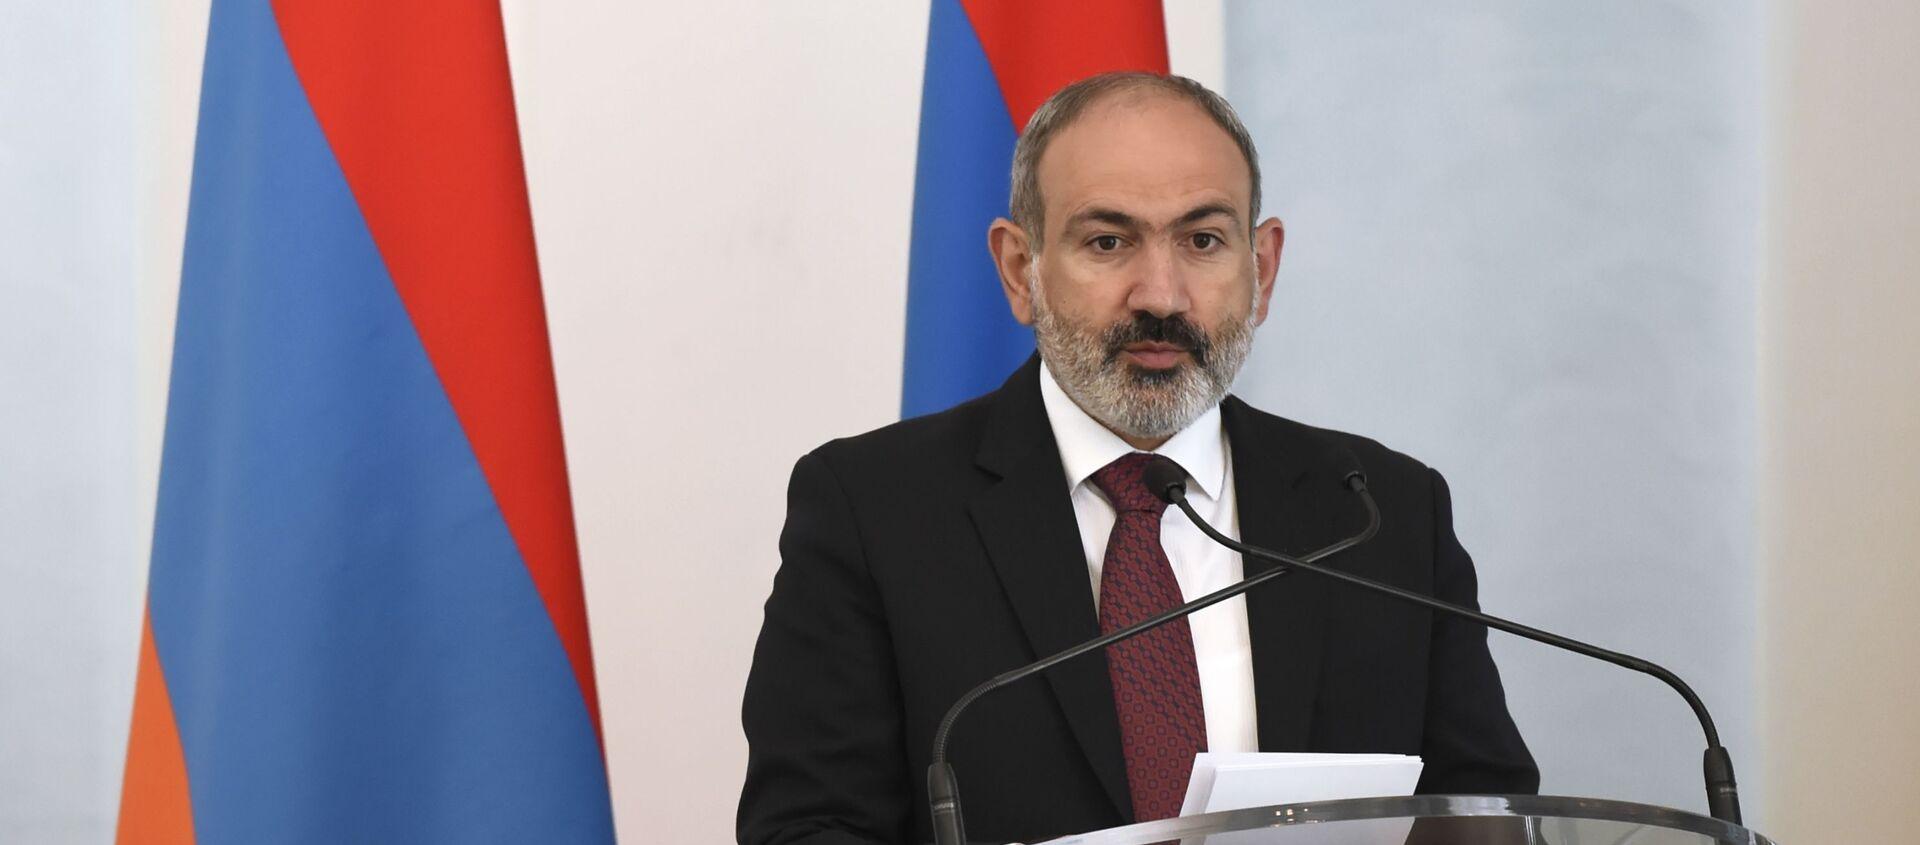 Визит премьер-министра Грузии в Армению - Sputnik Абхазия, 1920, 23.06.2021